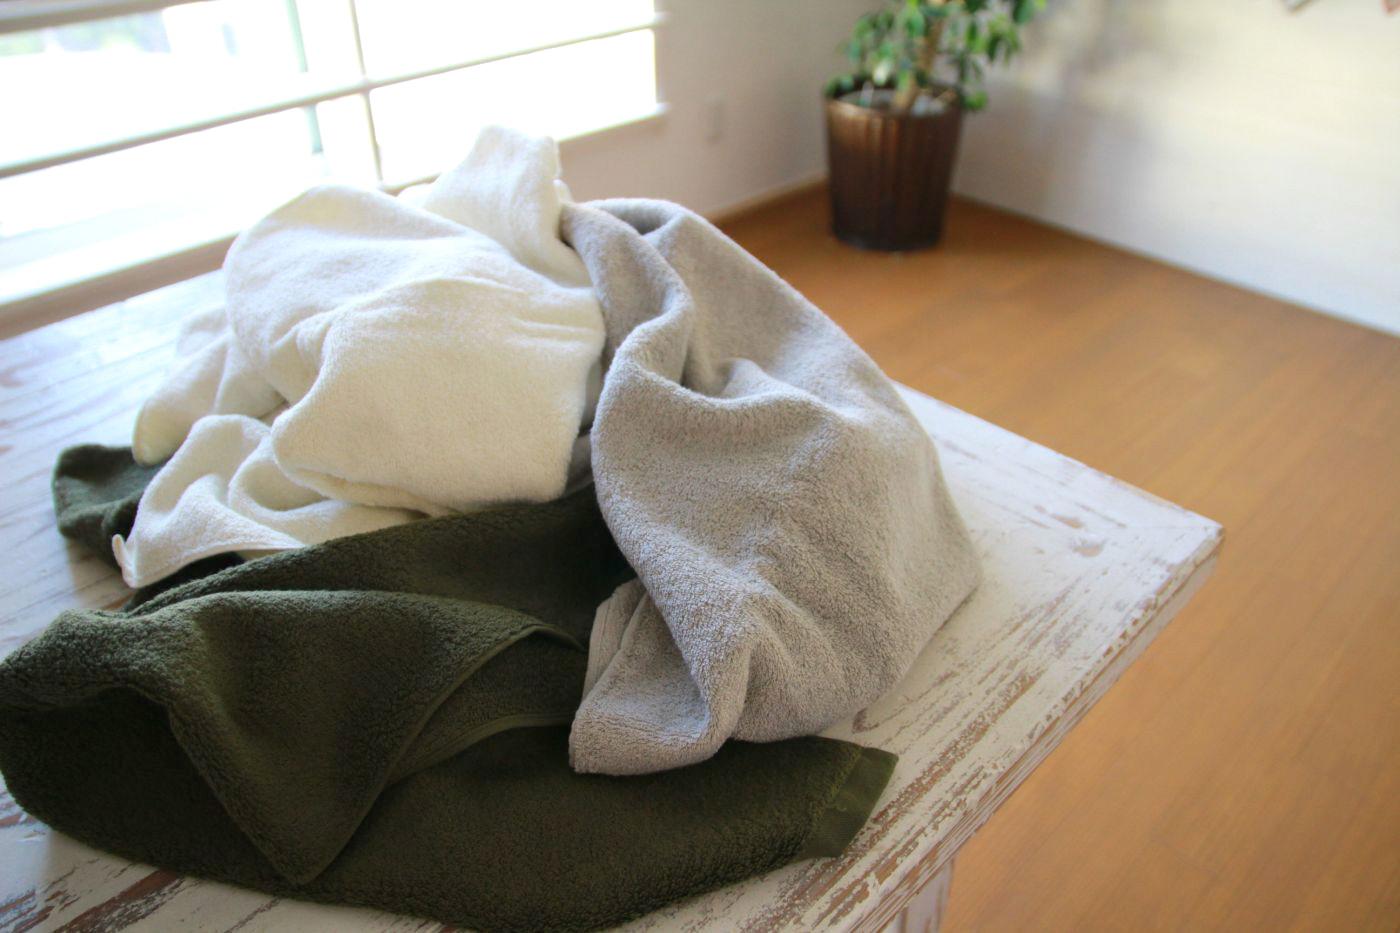 高品質な素材で丁寧に作られたタオル